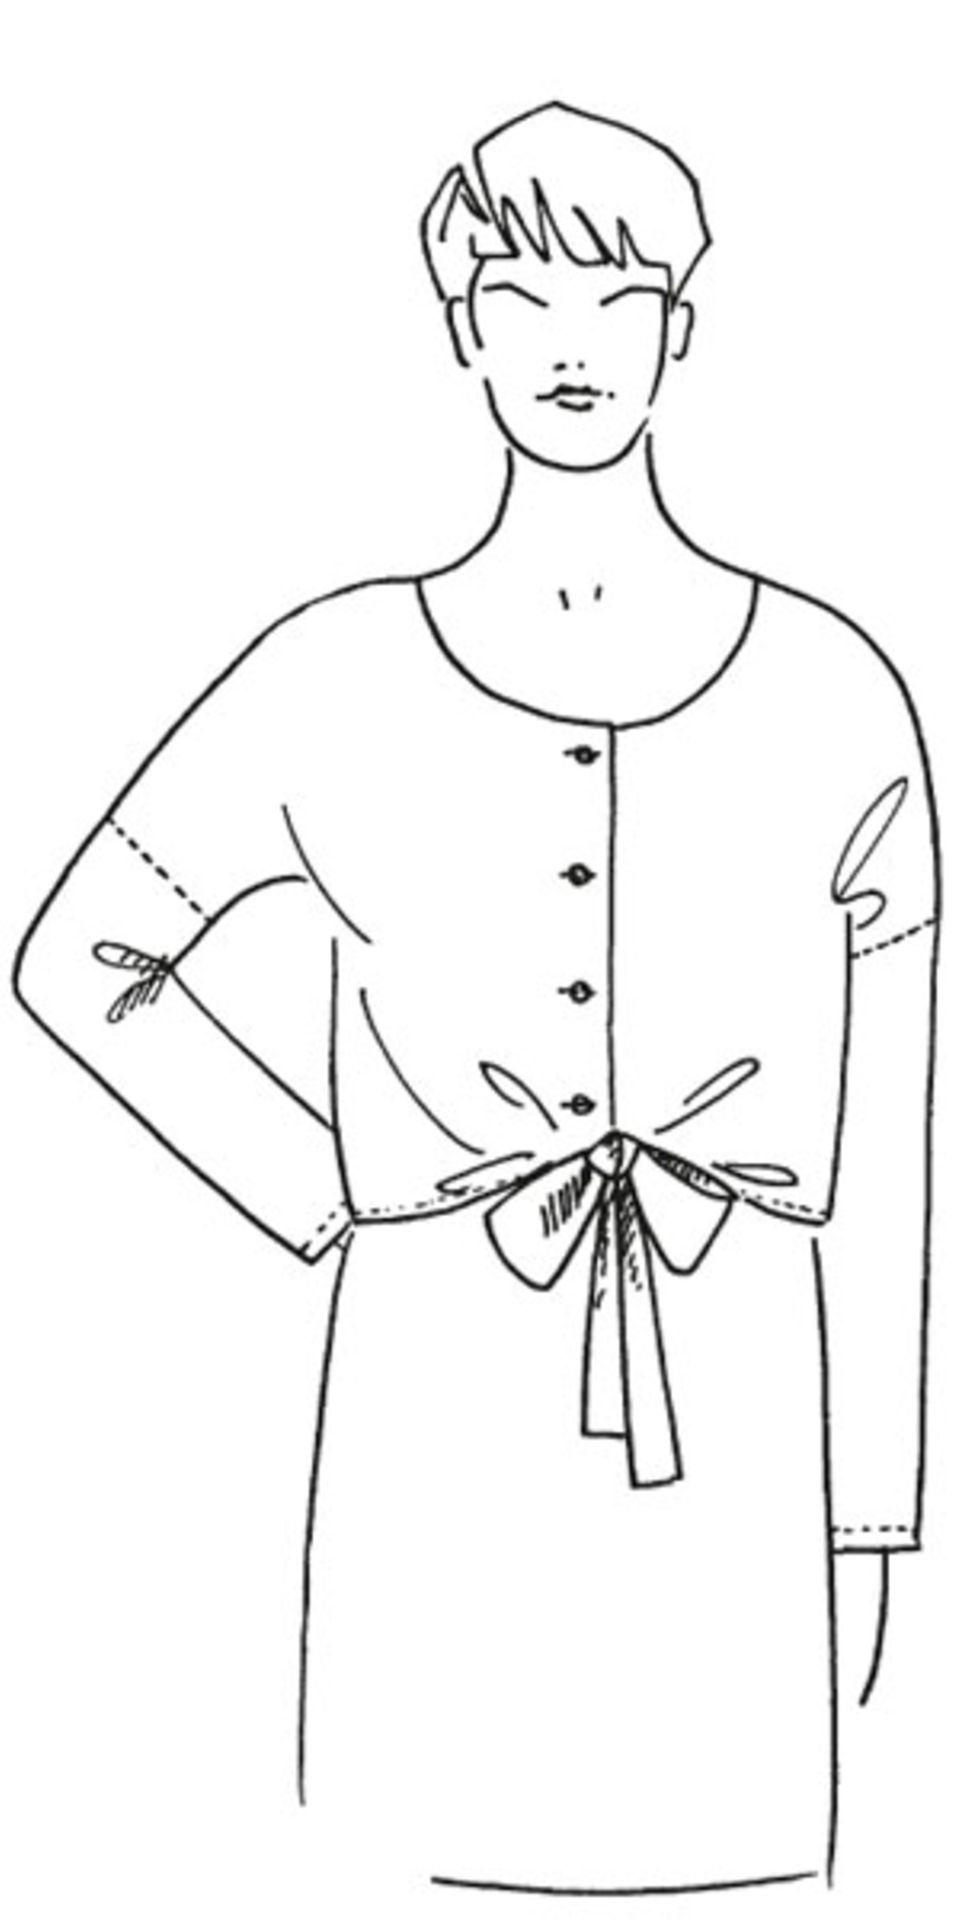 Bluse zum Knoten nähen - eine Anleitung